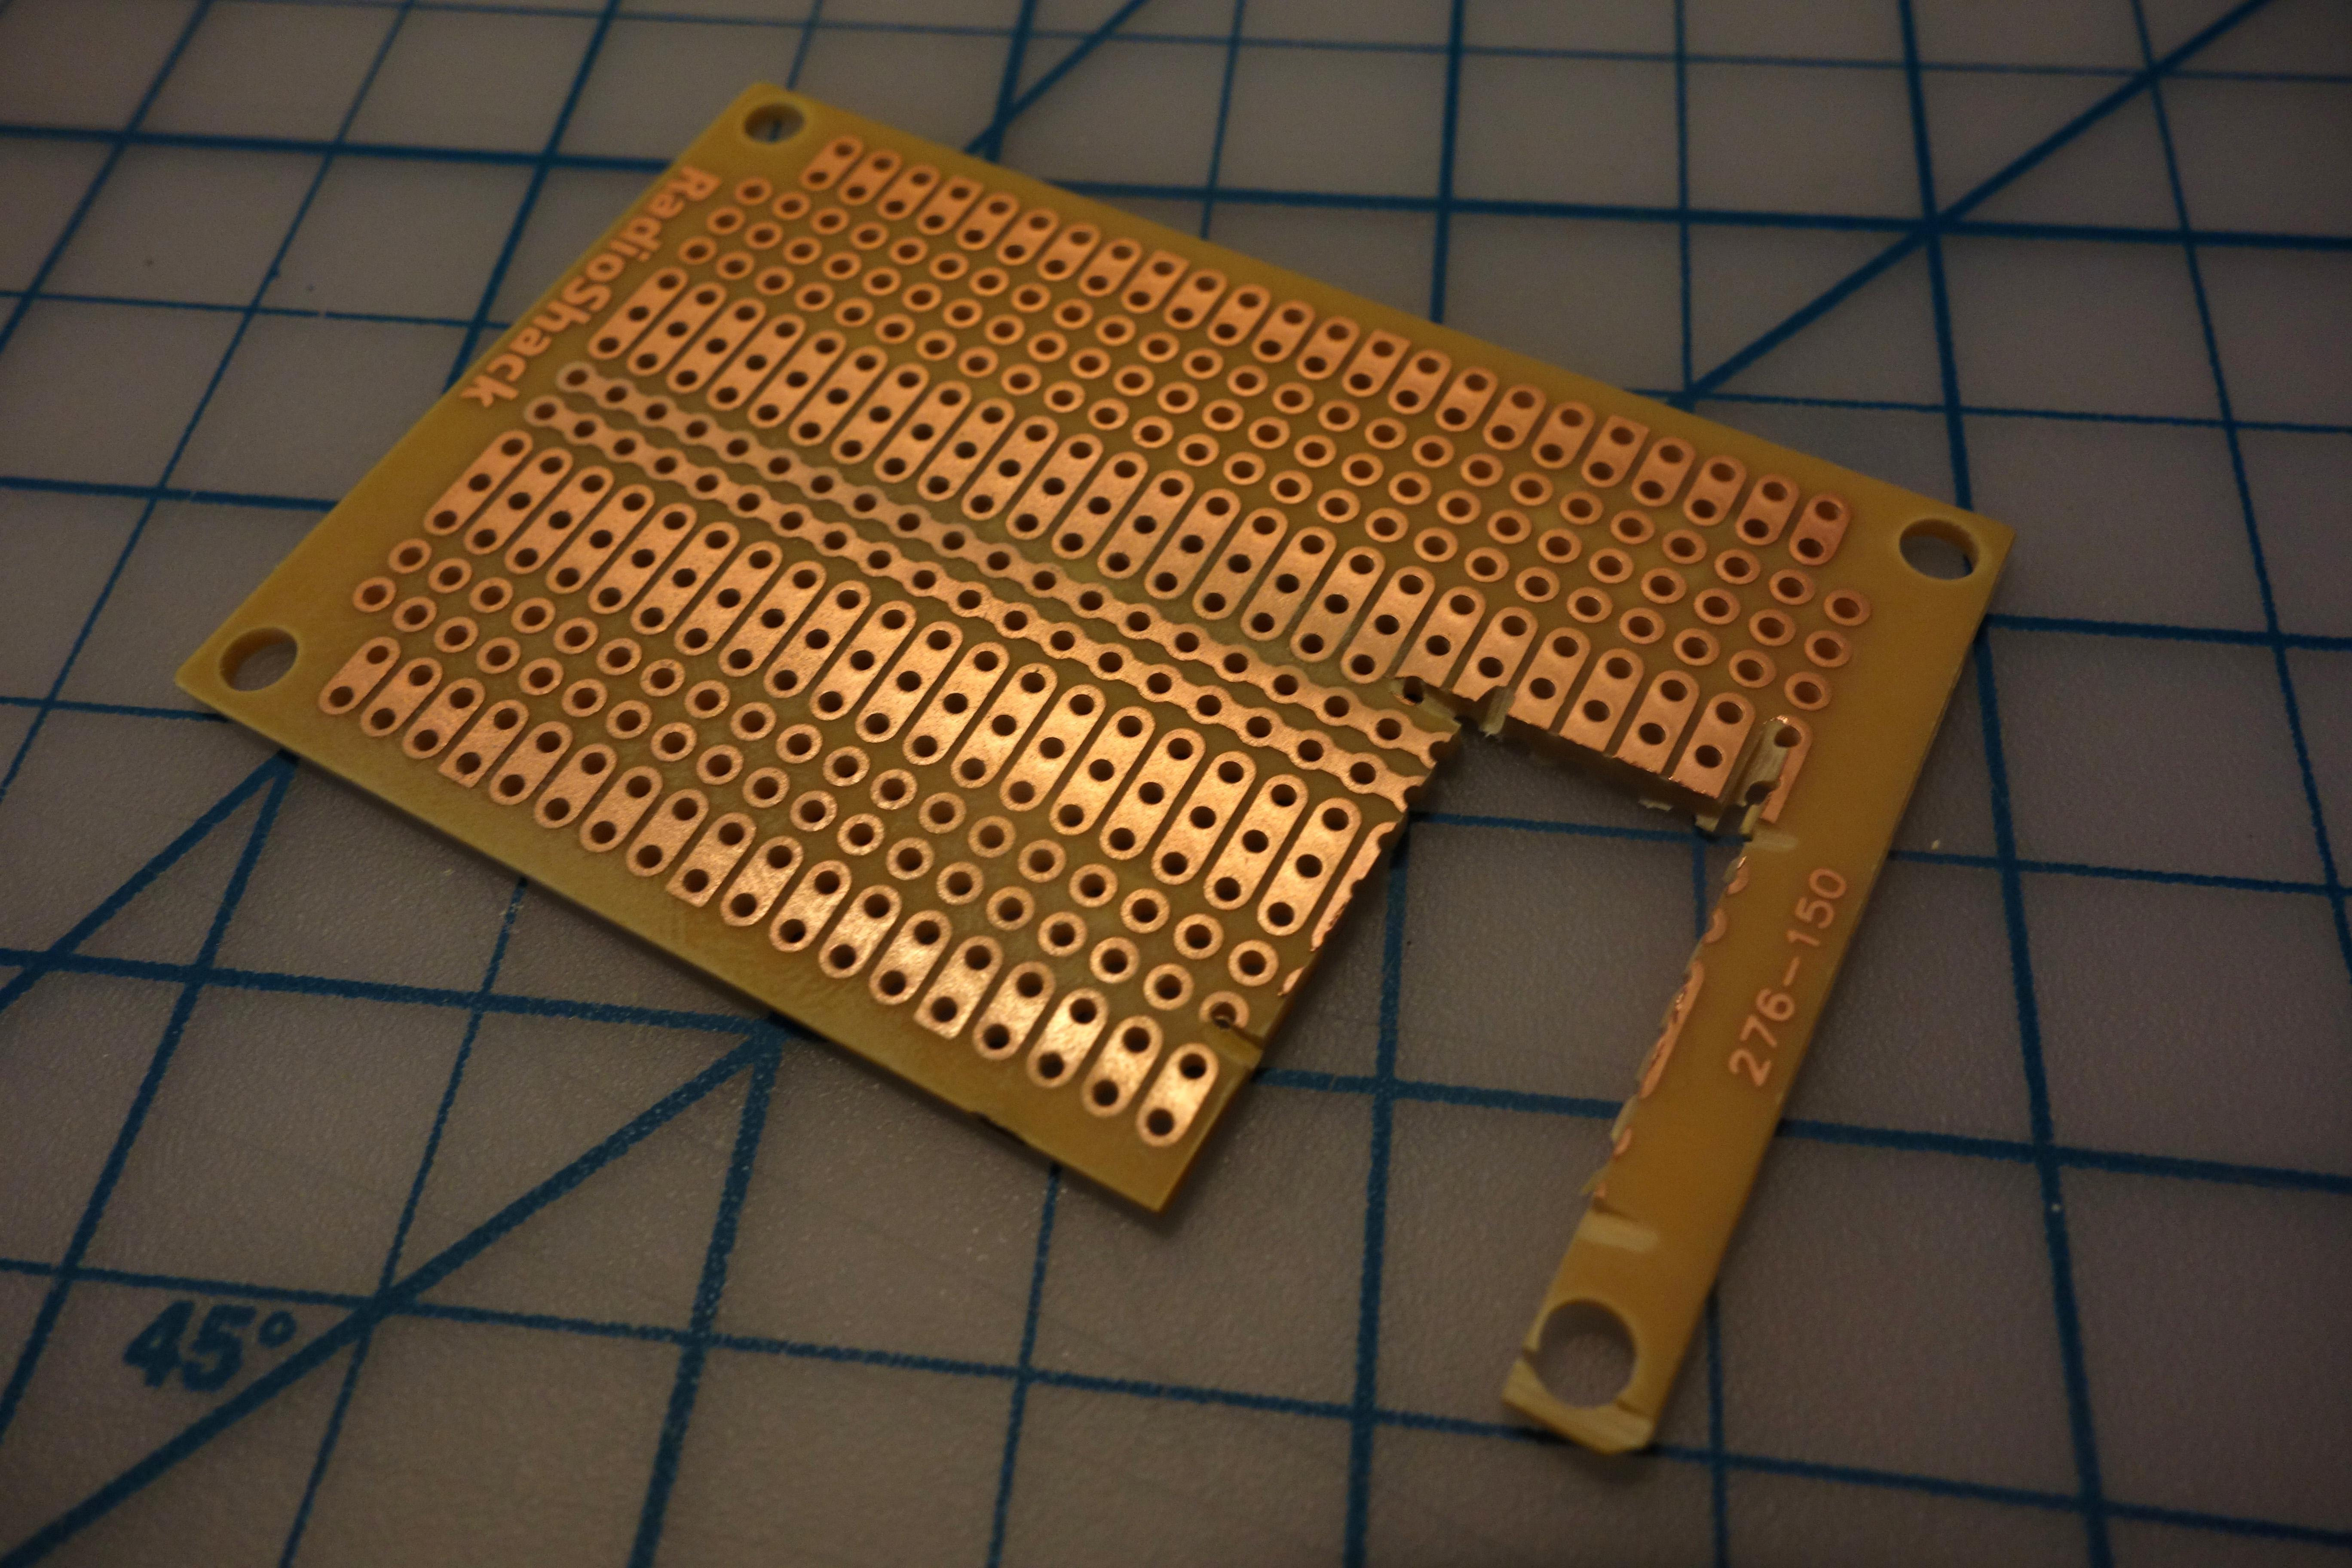 Battery Clip TransistorTester